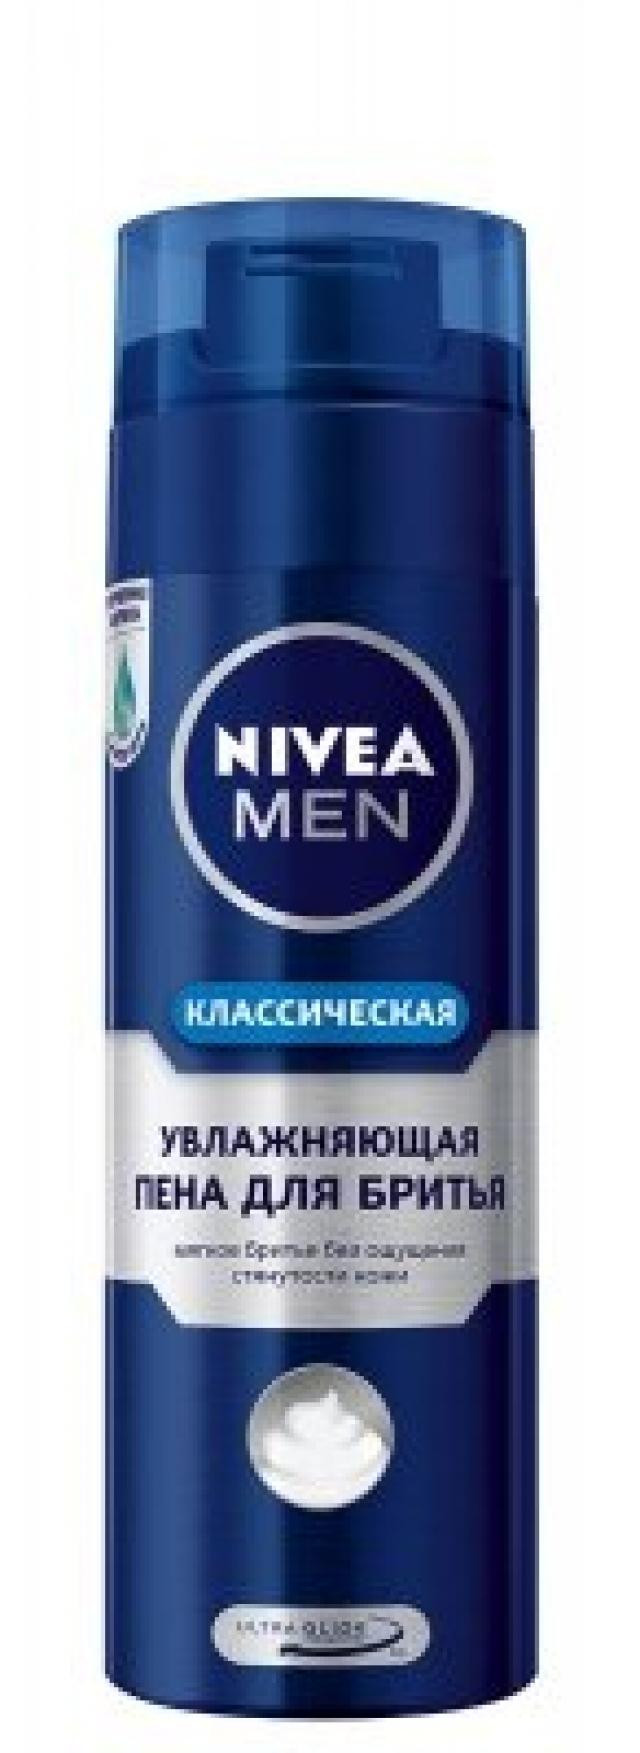 Нивея Мен пена для бритья увлажняющий 200мл 81700 купить в Москве по цене от 246 рублей